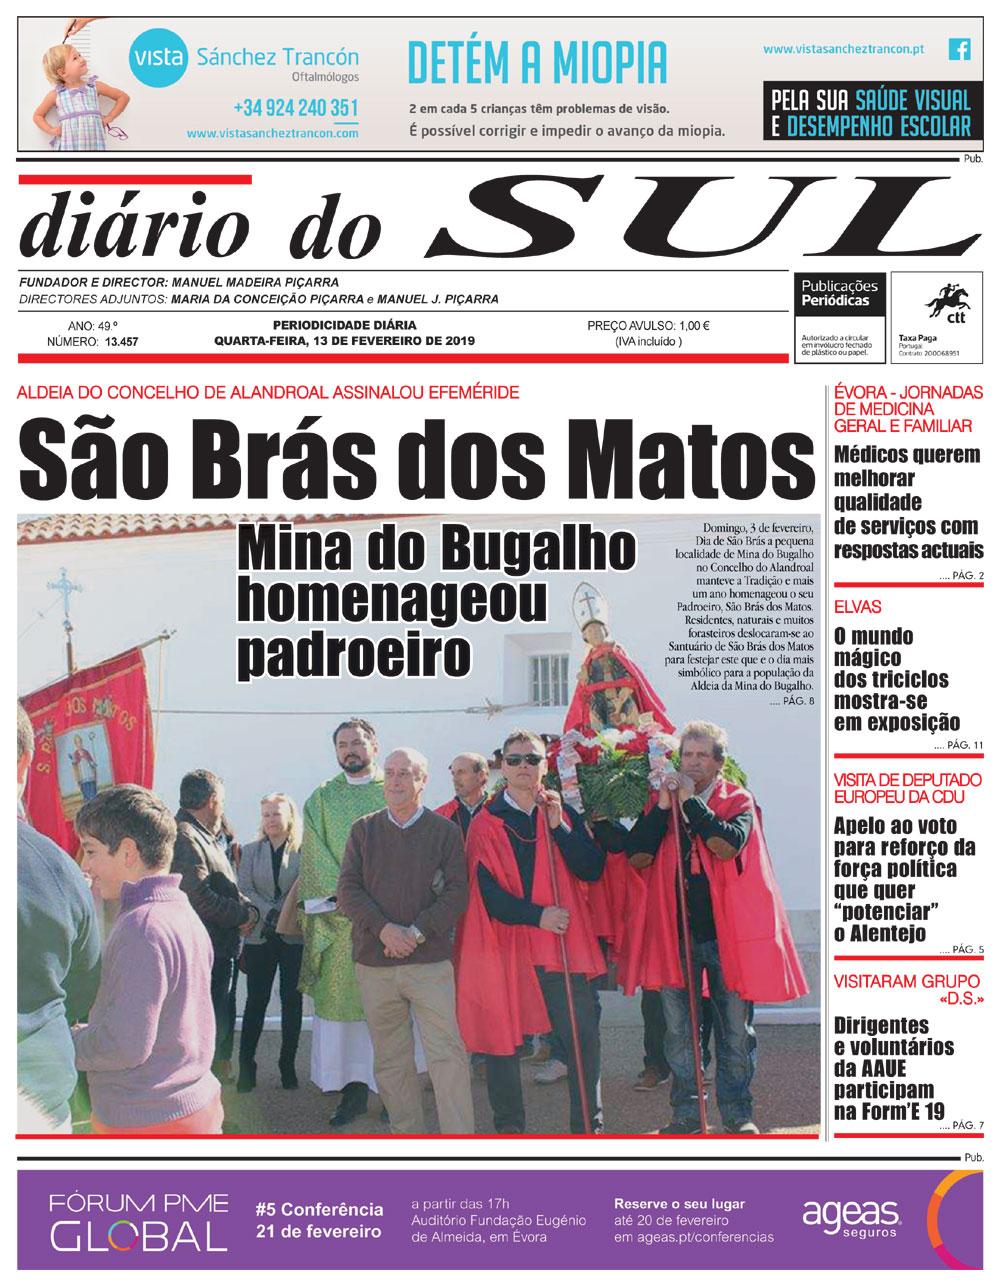 .Festa do dia 03 de Fevereiro em Honra de São Brás dos Matos faz capa no Jornal Diário do Sul.